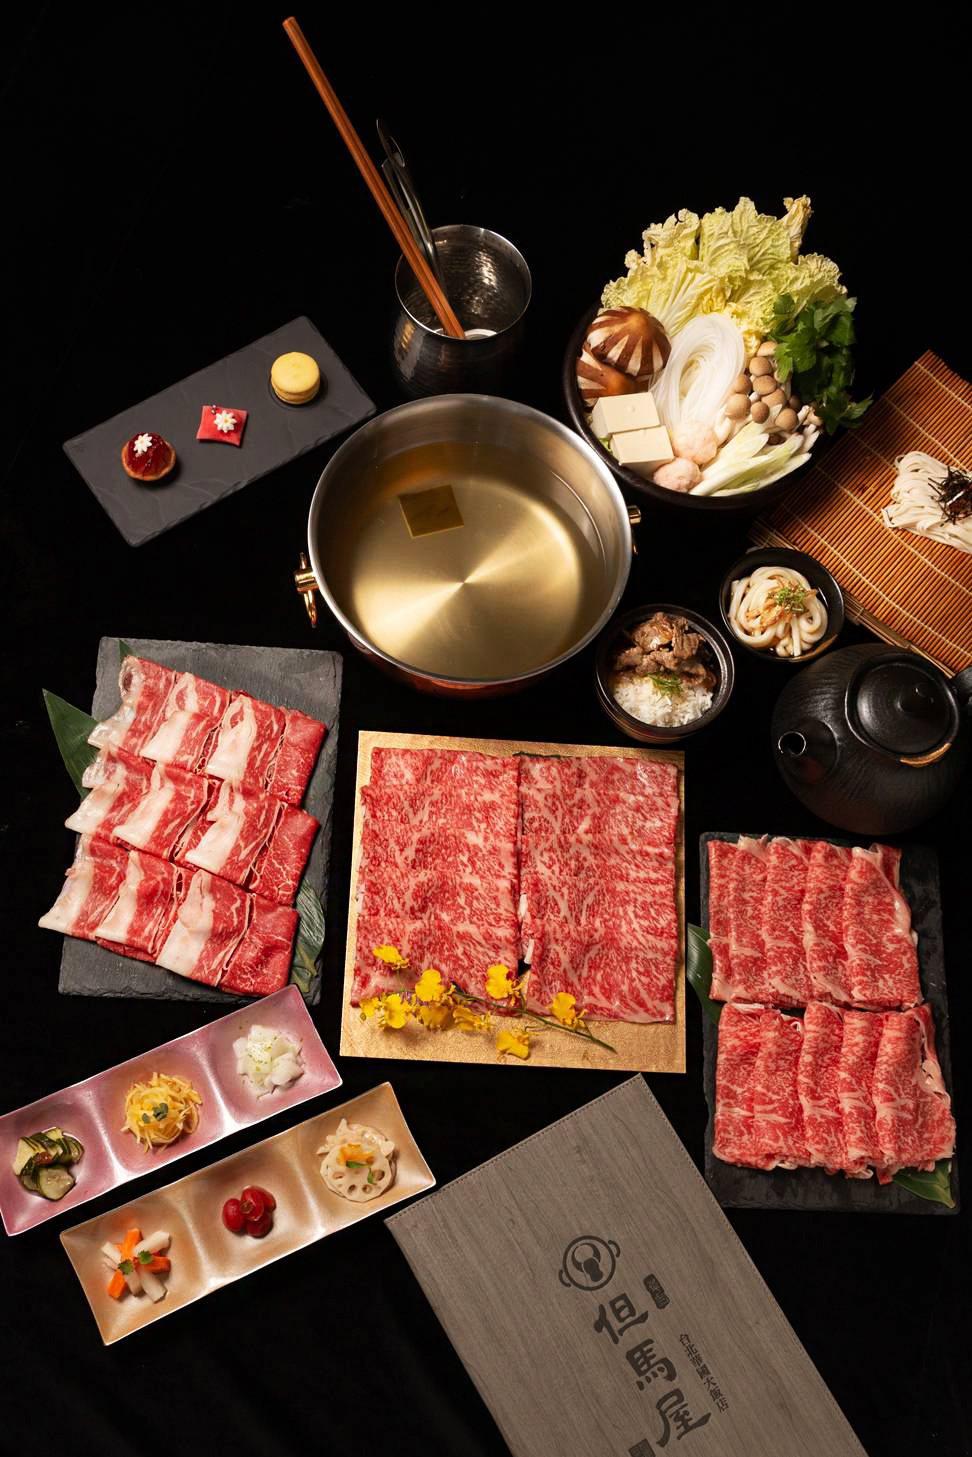 華國但馬屋帝國黑毛和種三品3人套餐。華國大飯店/提供